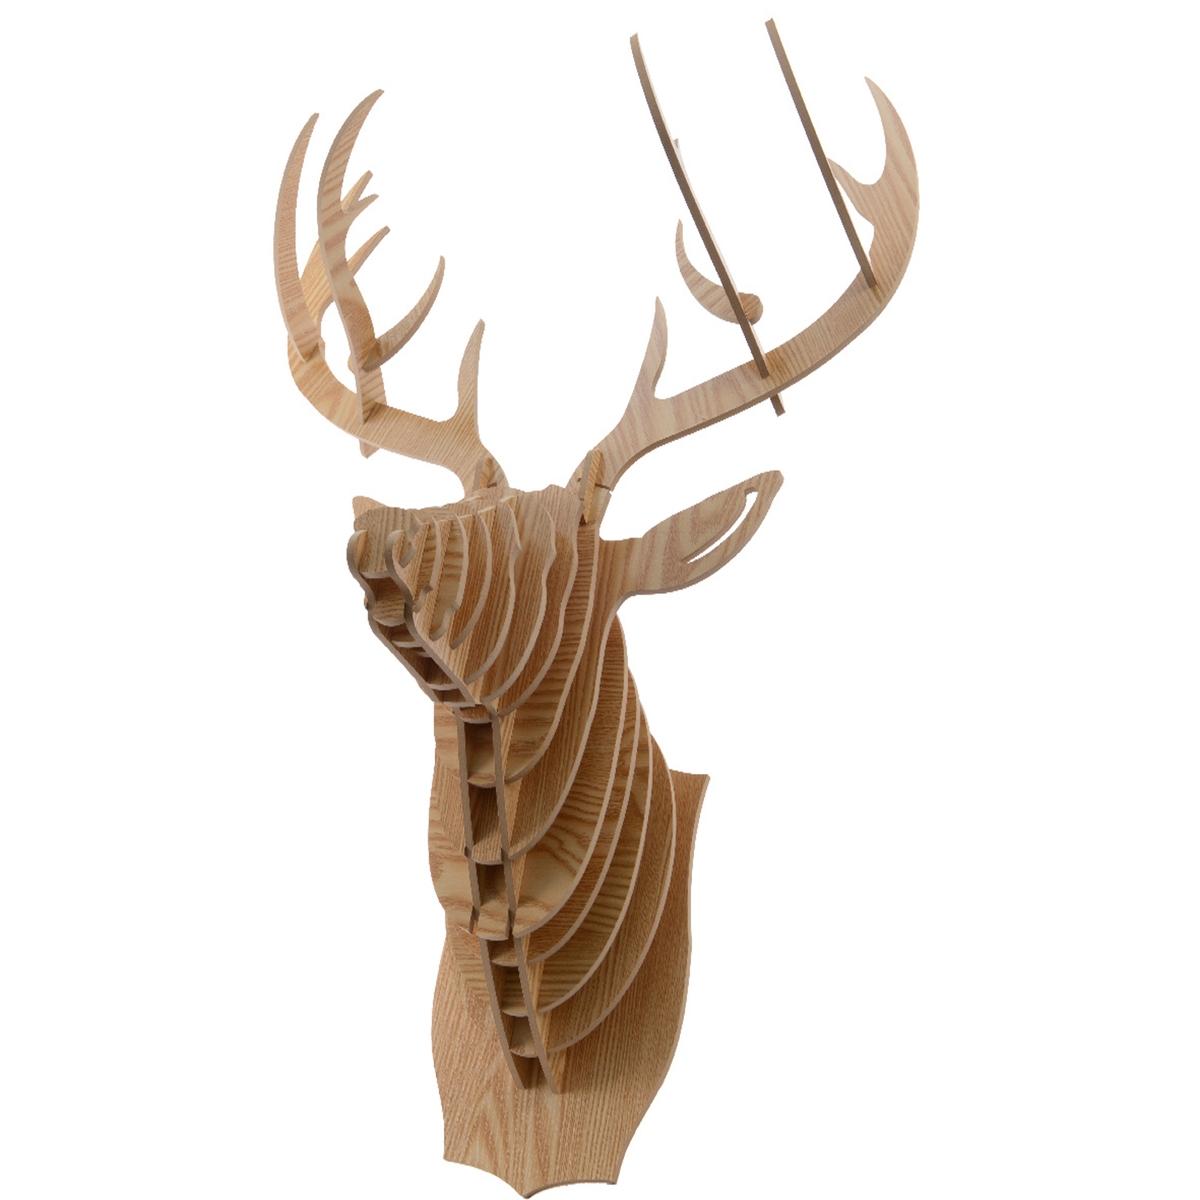 Трофей охотничий, DyanneОписание:- Голова оленя (стилизация).Характеристики:- МДФ, декорированная деревом.- Шурупы и дюбеля не прилагаются.Откройте для себя всю коллекцию  предметов  декора на laredoute.ru.Размеры:52,5 x 33 x Выс. 65 см<br><br>Цвет: дерево